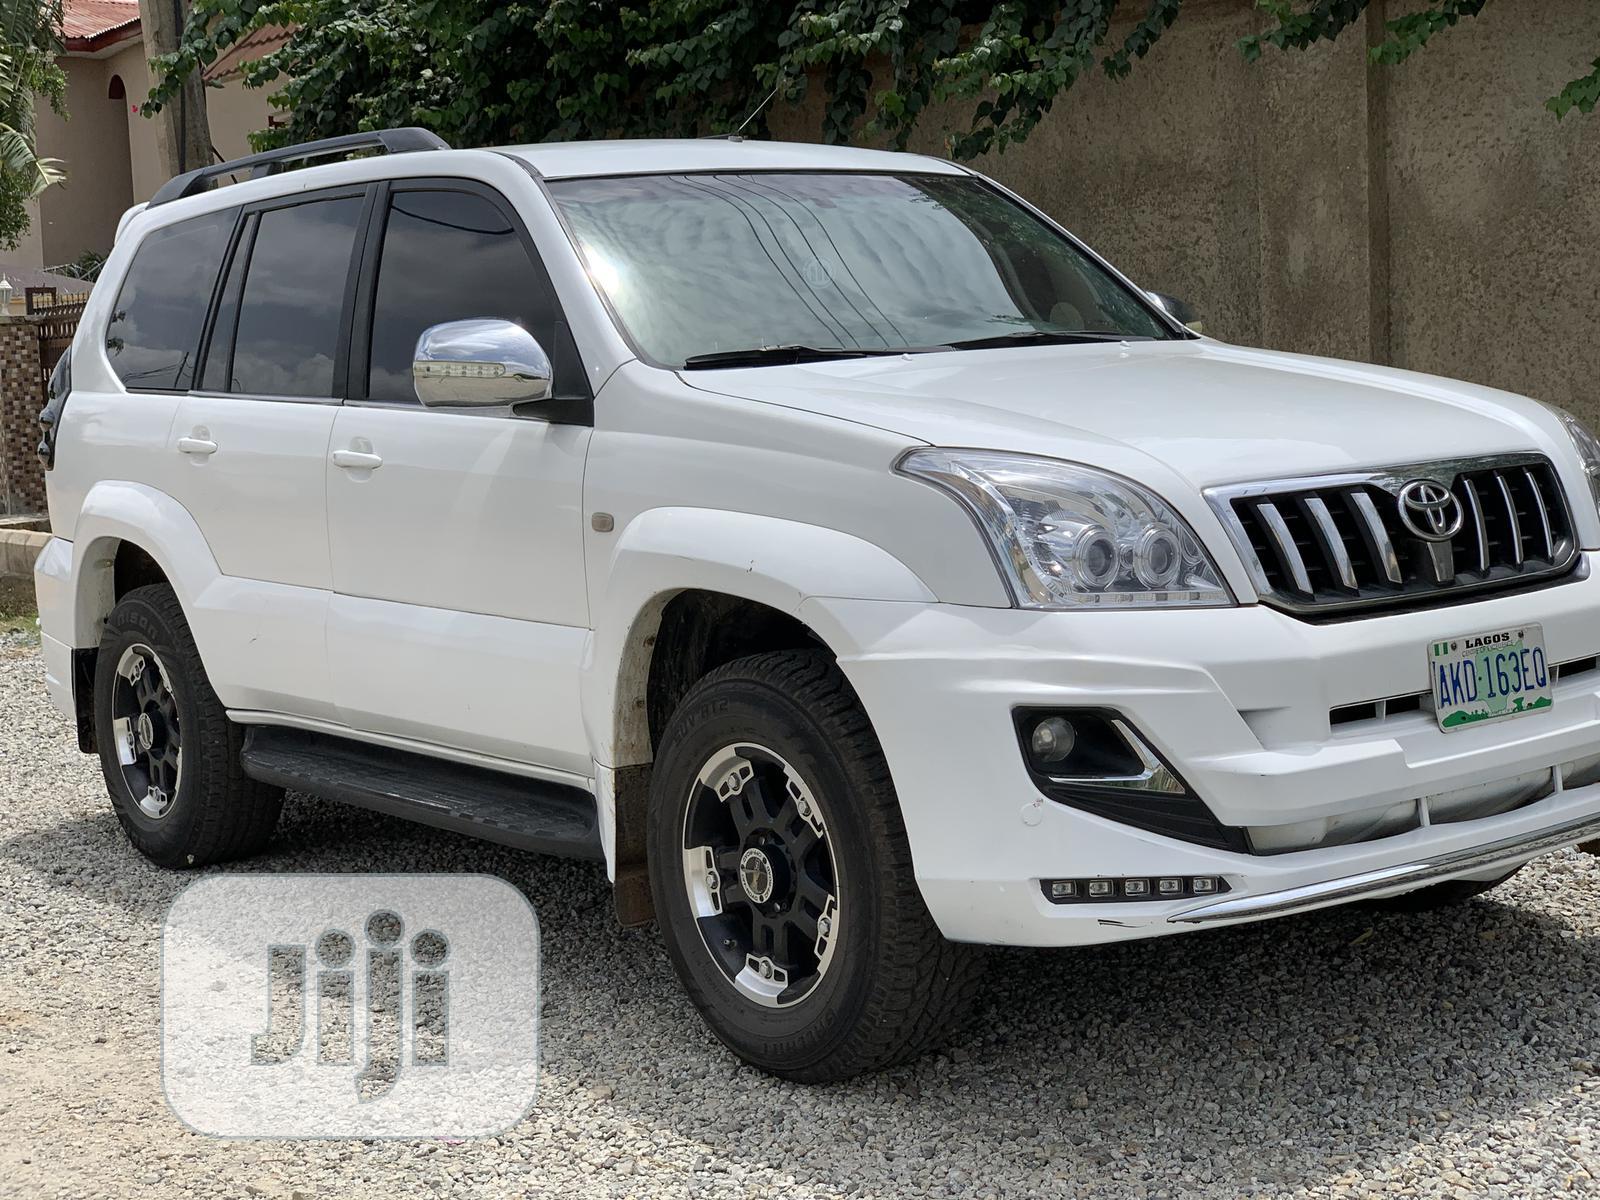 Archive: Toyota Land Cruiser Prado 2008 GX White